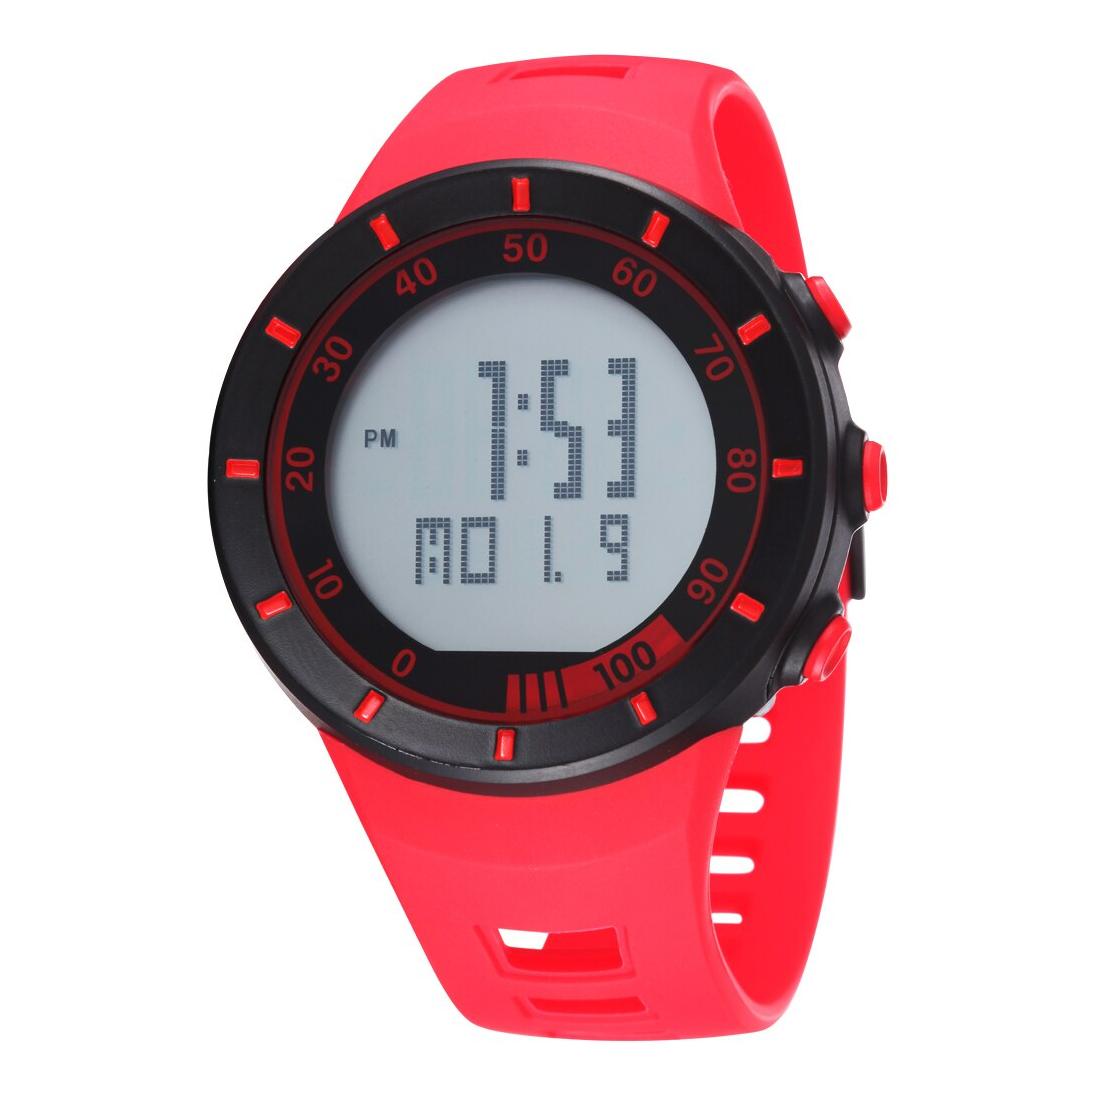 ساعت مچی دیجیتال مردانه گراویتی مدل VG9011 55